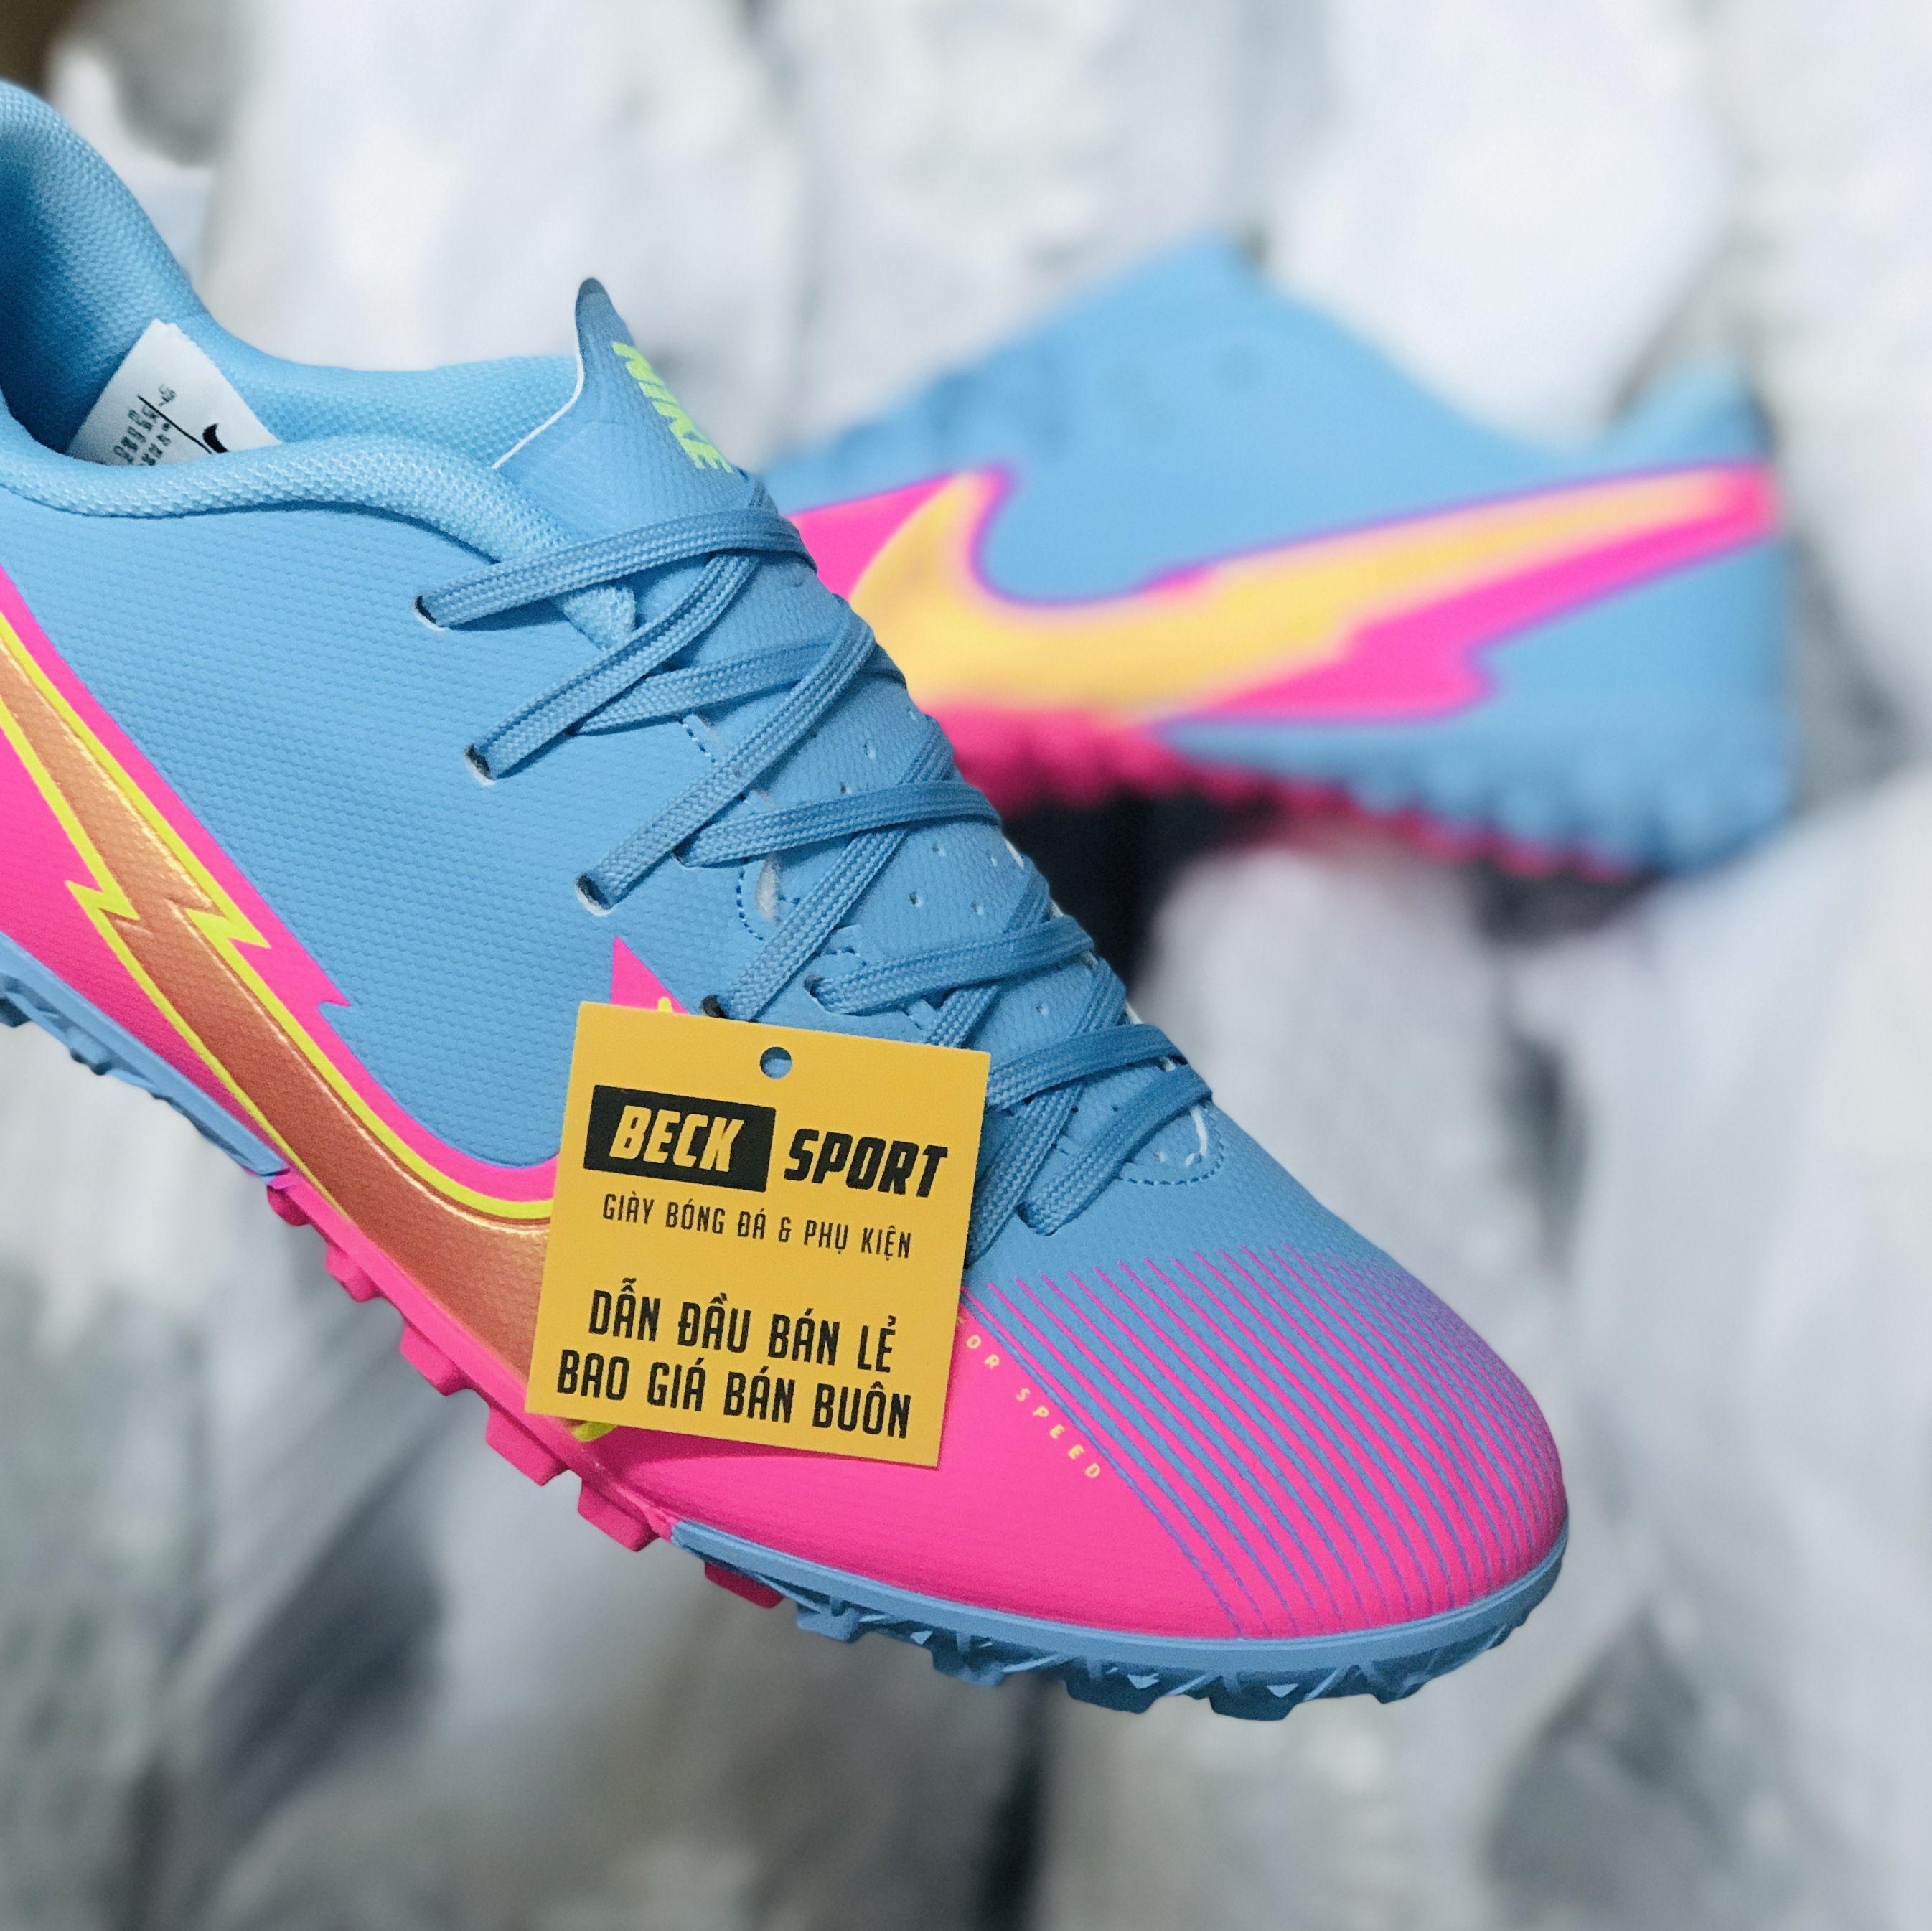 Giày Bóng Đá Nike Mercurial Vapor 13 Academy Xanh Biển Hồng Vạch Vàng V2 TF